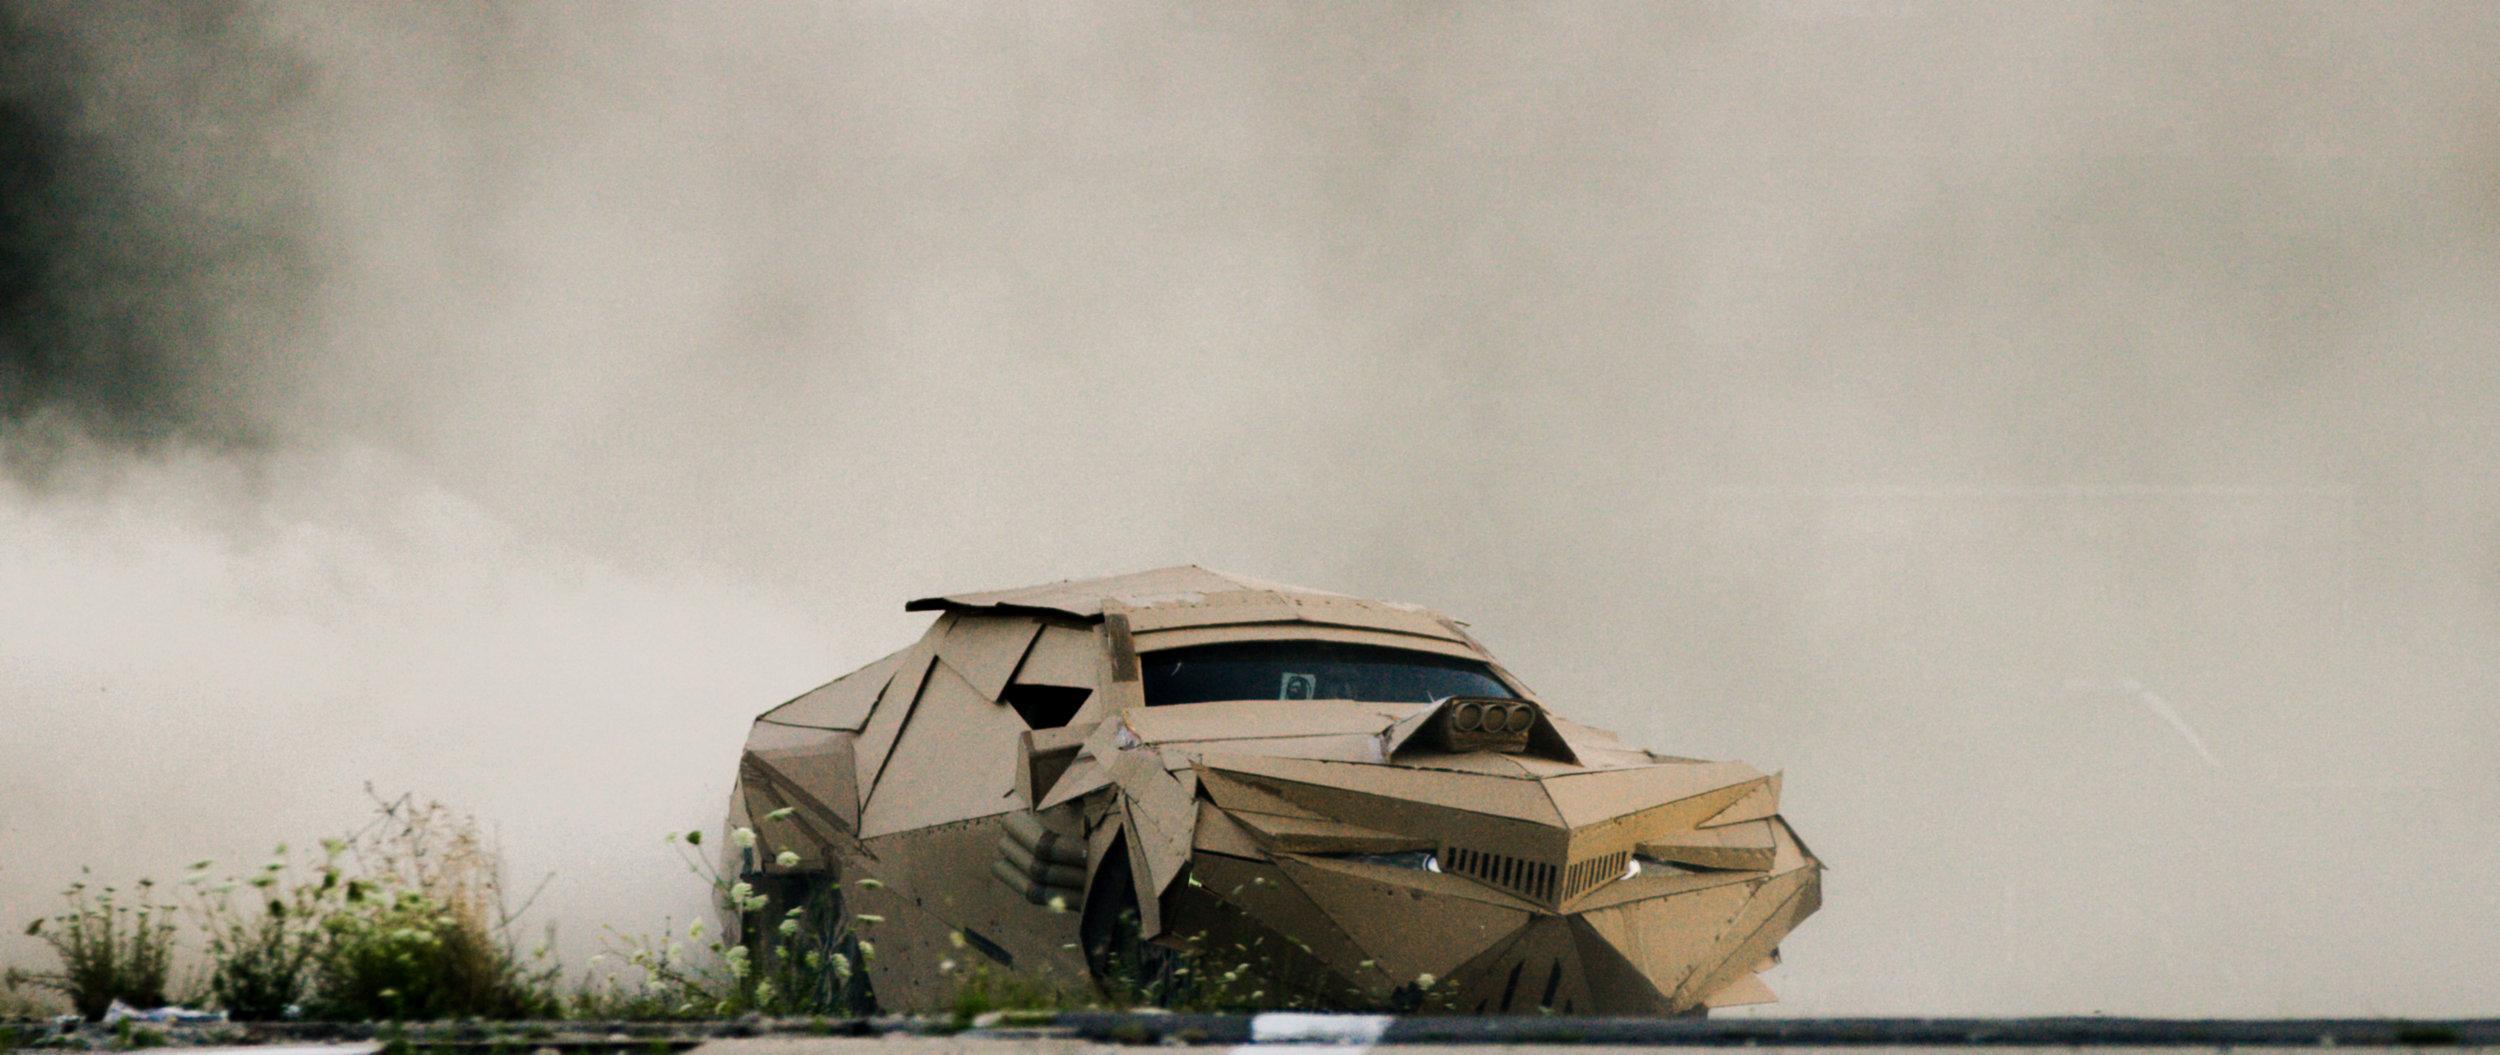 theOBSERVER-137.jpg